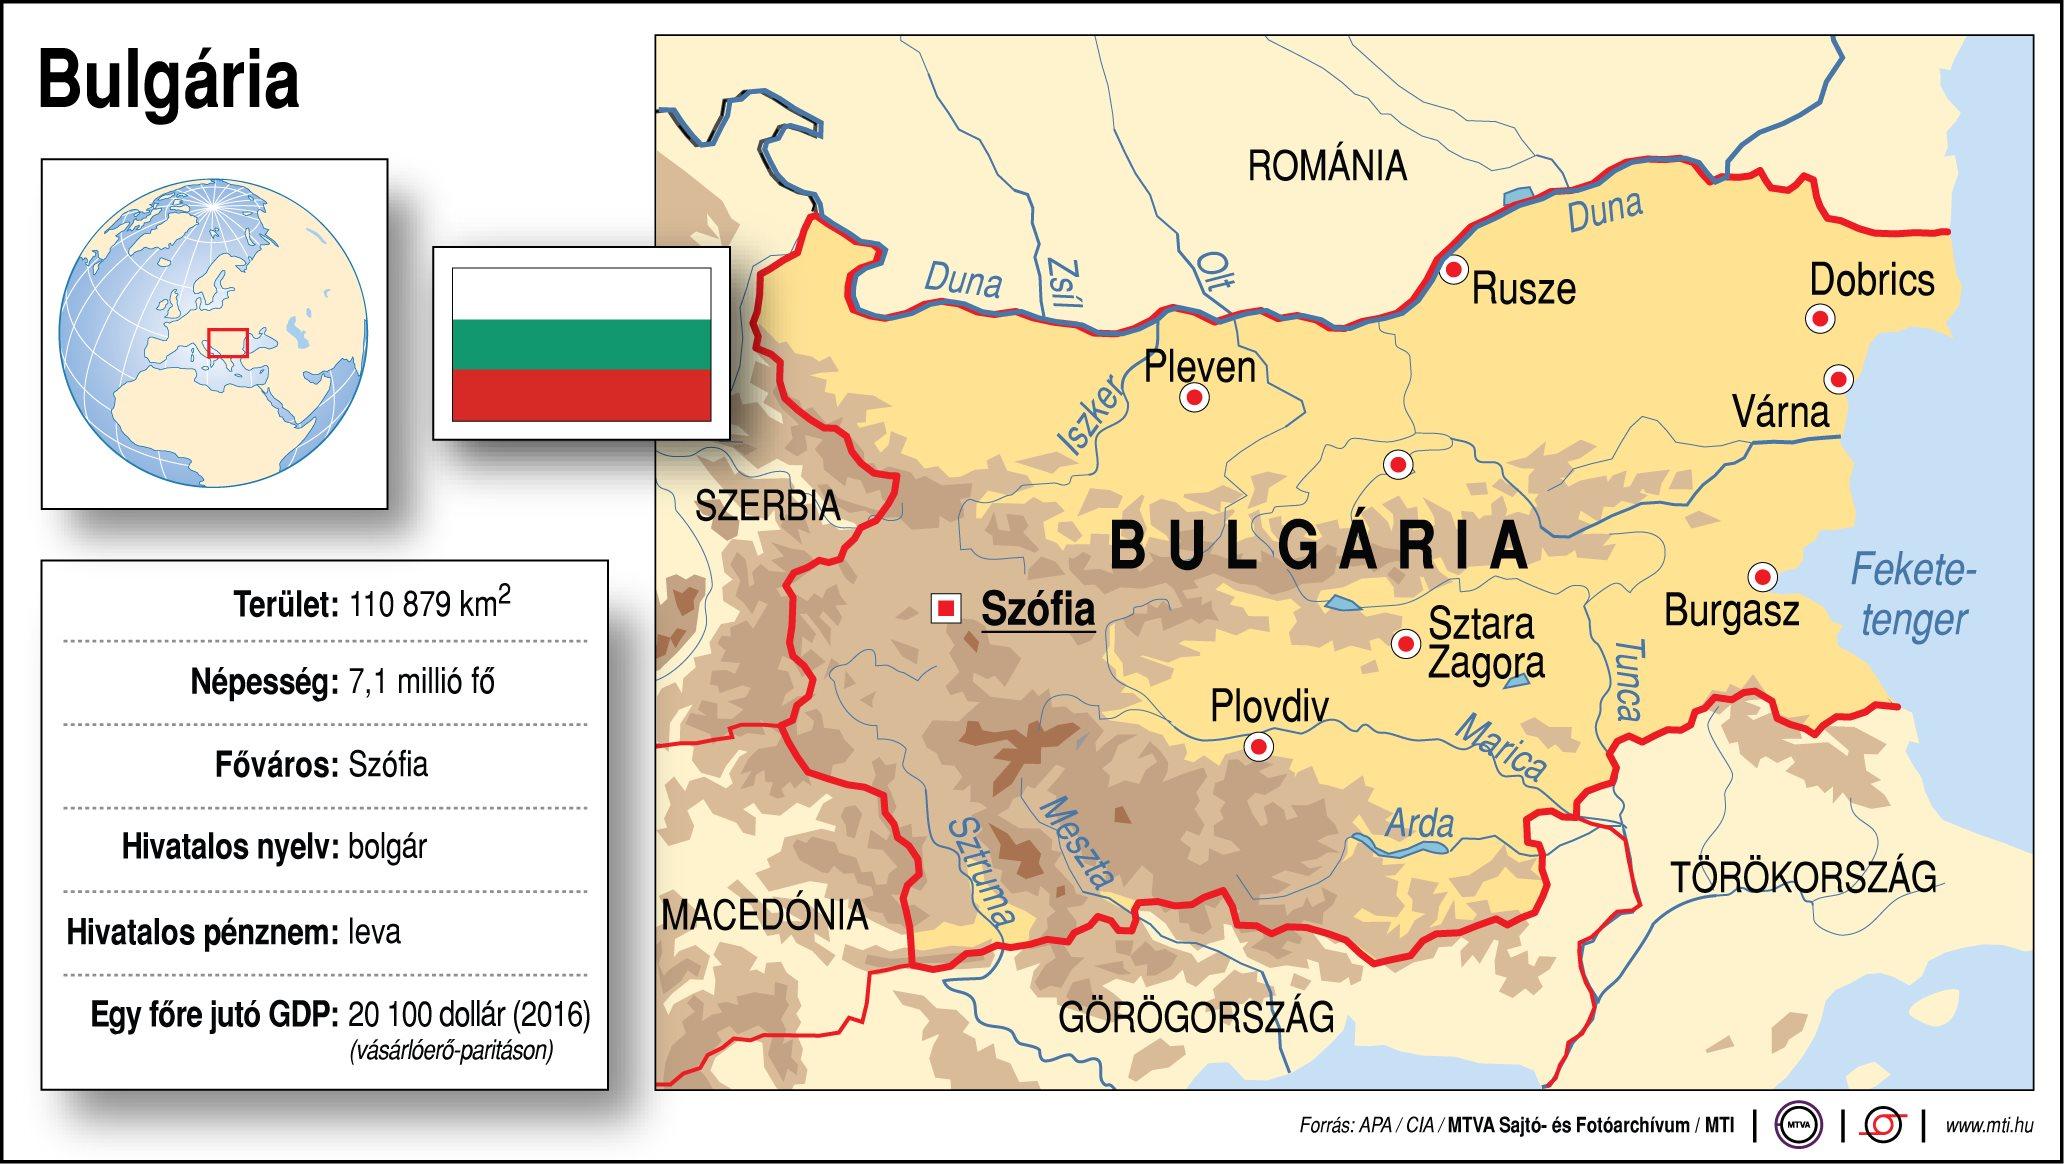 bulgária térkép Bulgária (térkép, adatok) – általánossuli.hu bulgária térkép